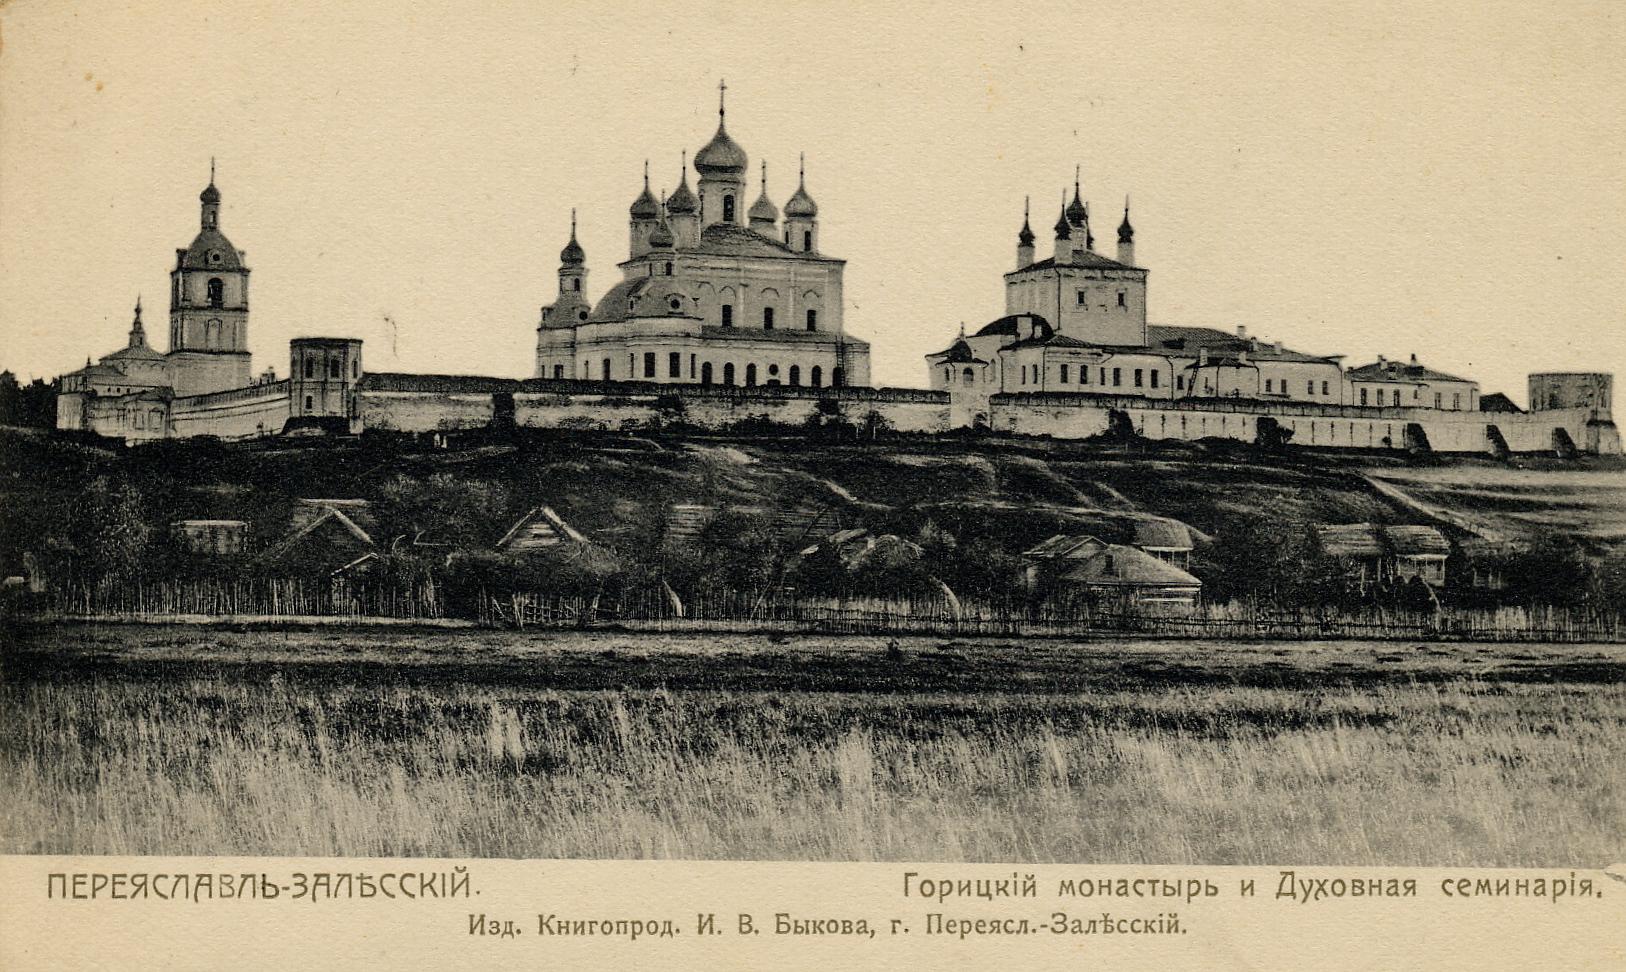 Горицкий монастырь и Духовная семинария